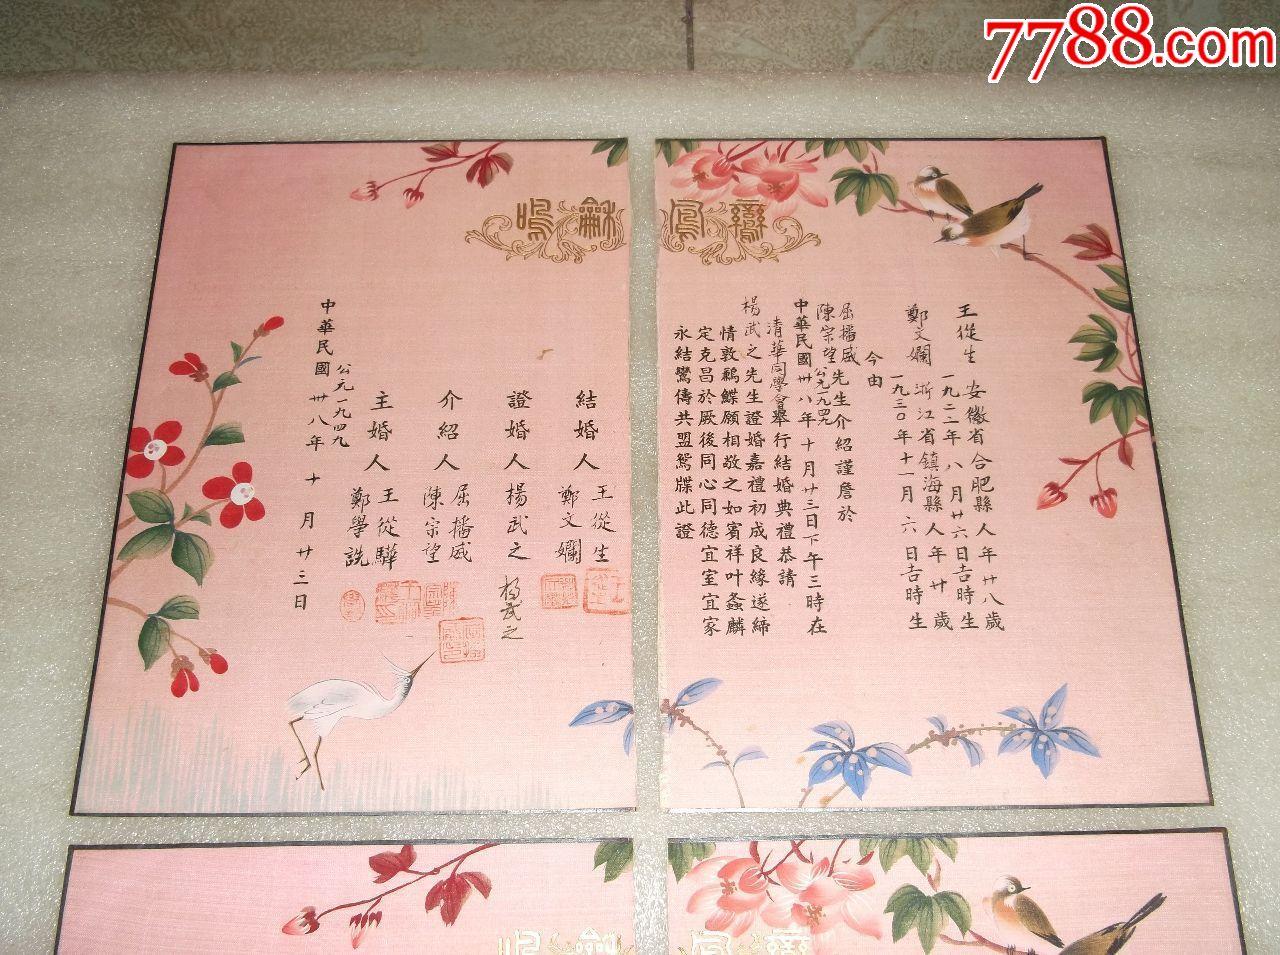 民国一对手绘花鸟结婚证及夫妻结婚照(相片背面有夫妻